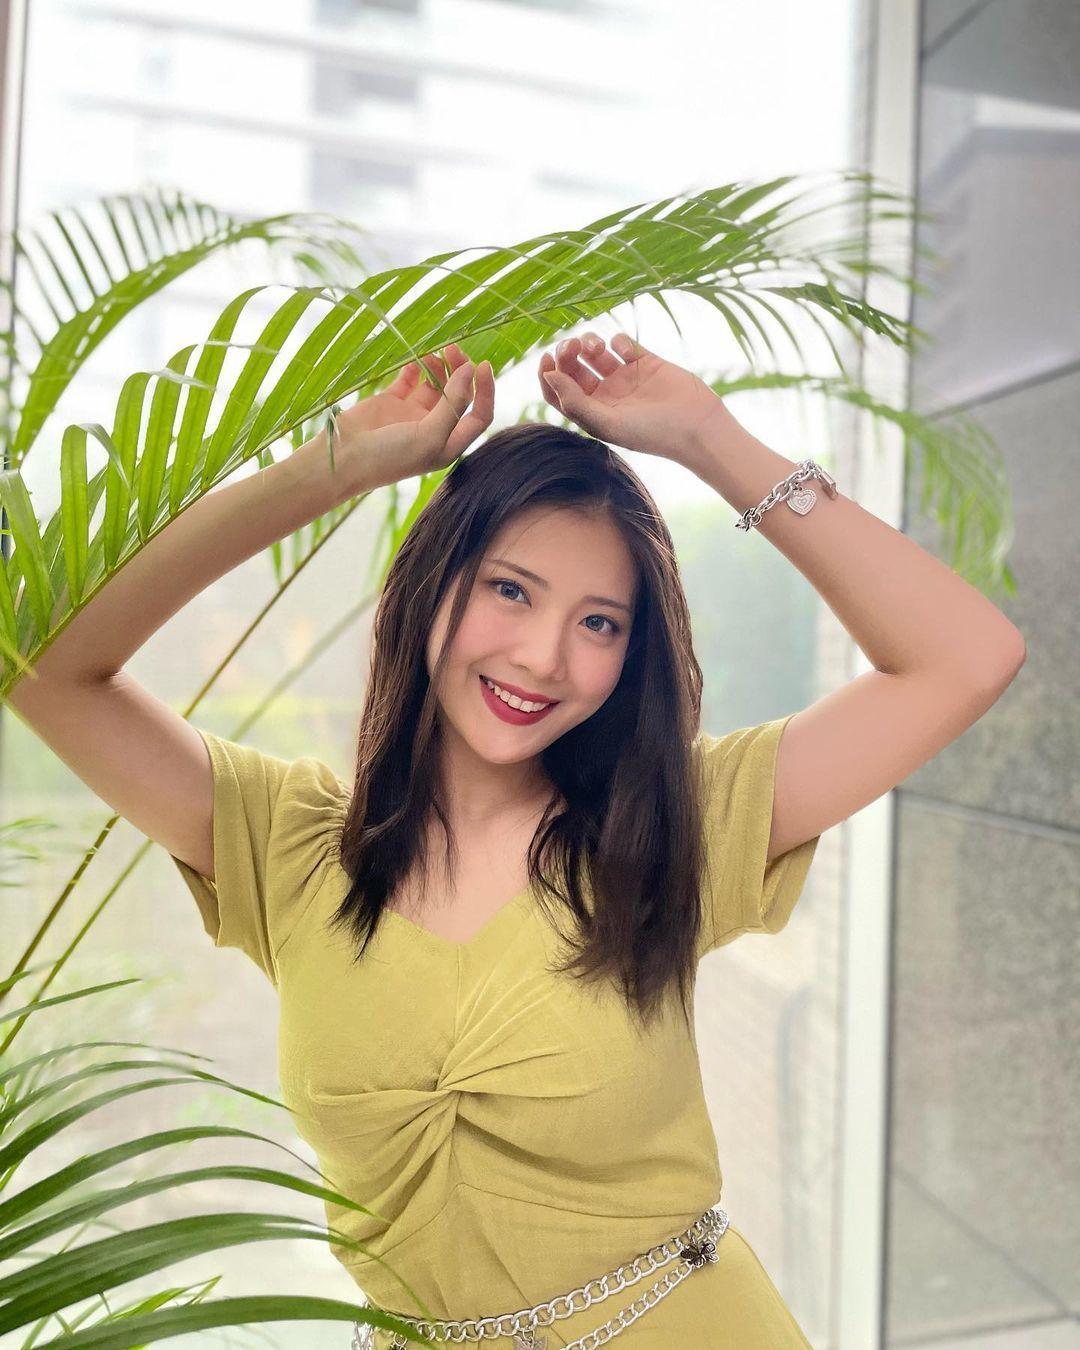 正妹「吴玳慈」就是当年震翻澎湖的辣个女人长大更可爱了插图(3)